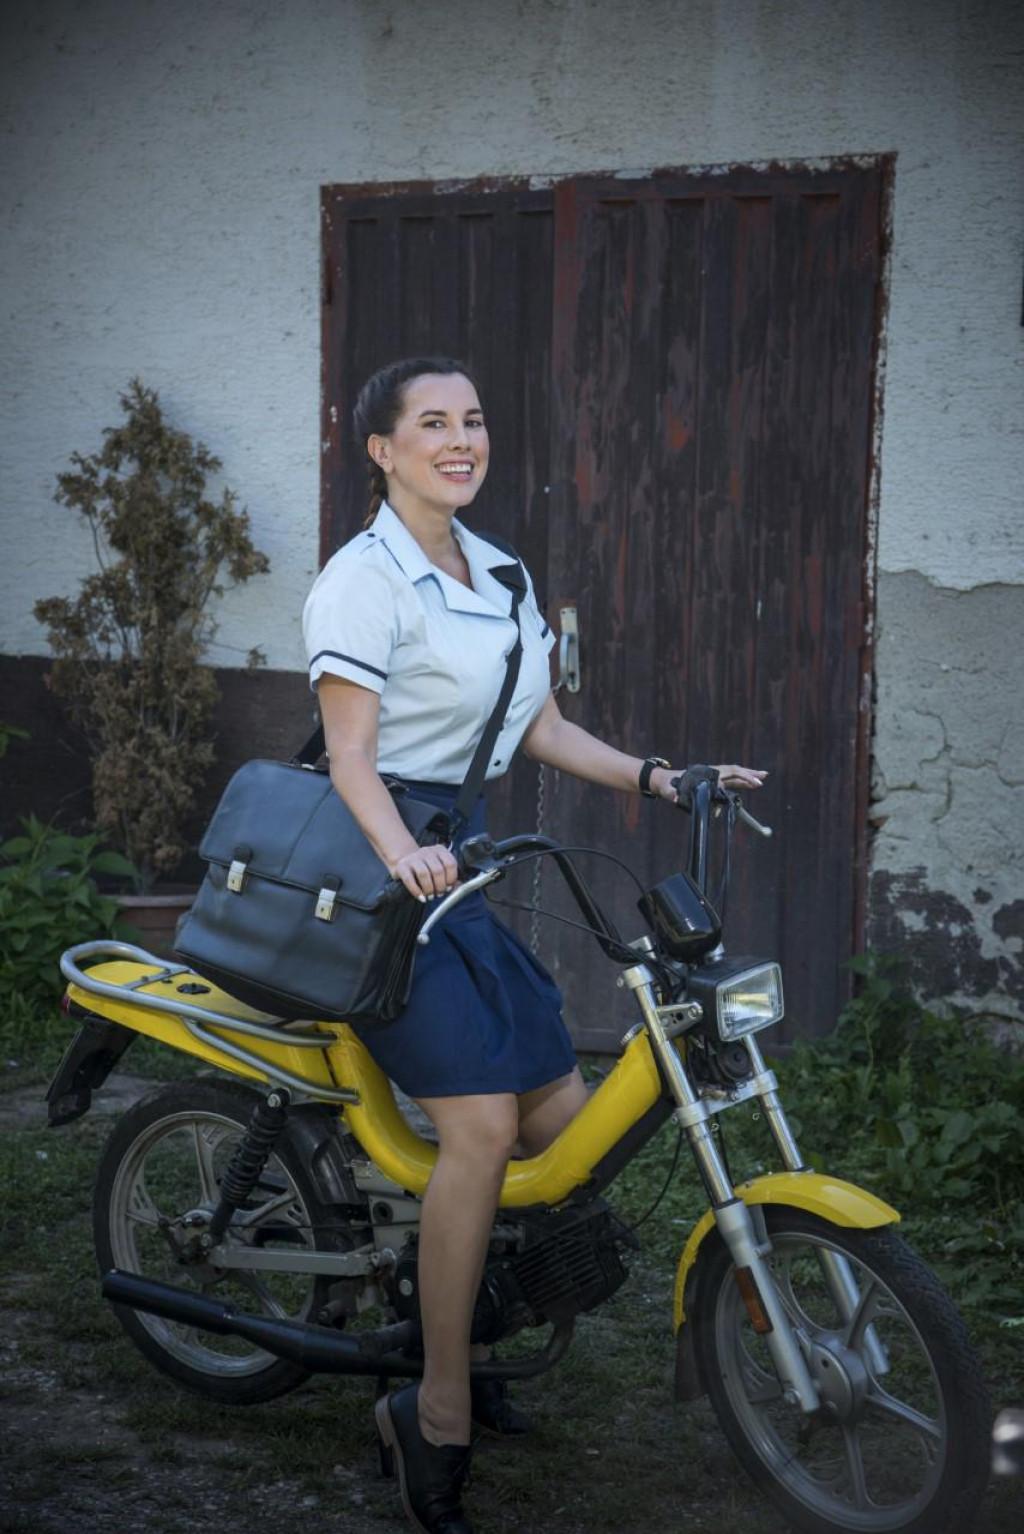 'Poštarica Suzana je dobroćudna, ali pomalo udarena u glavu'<br />